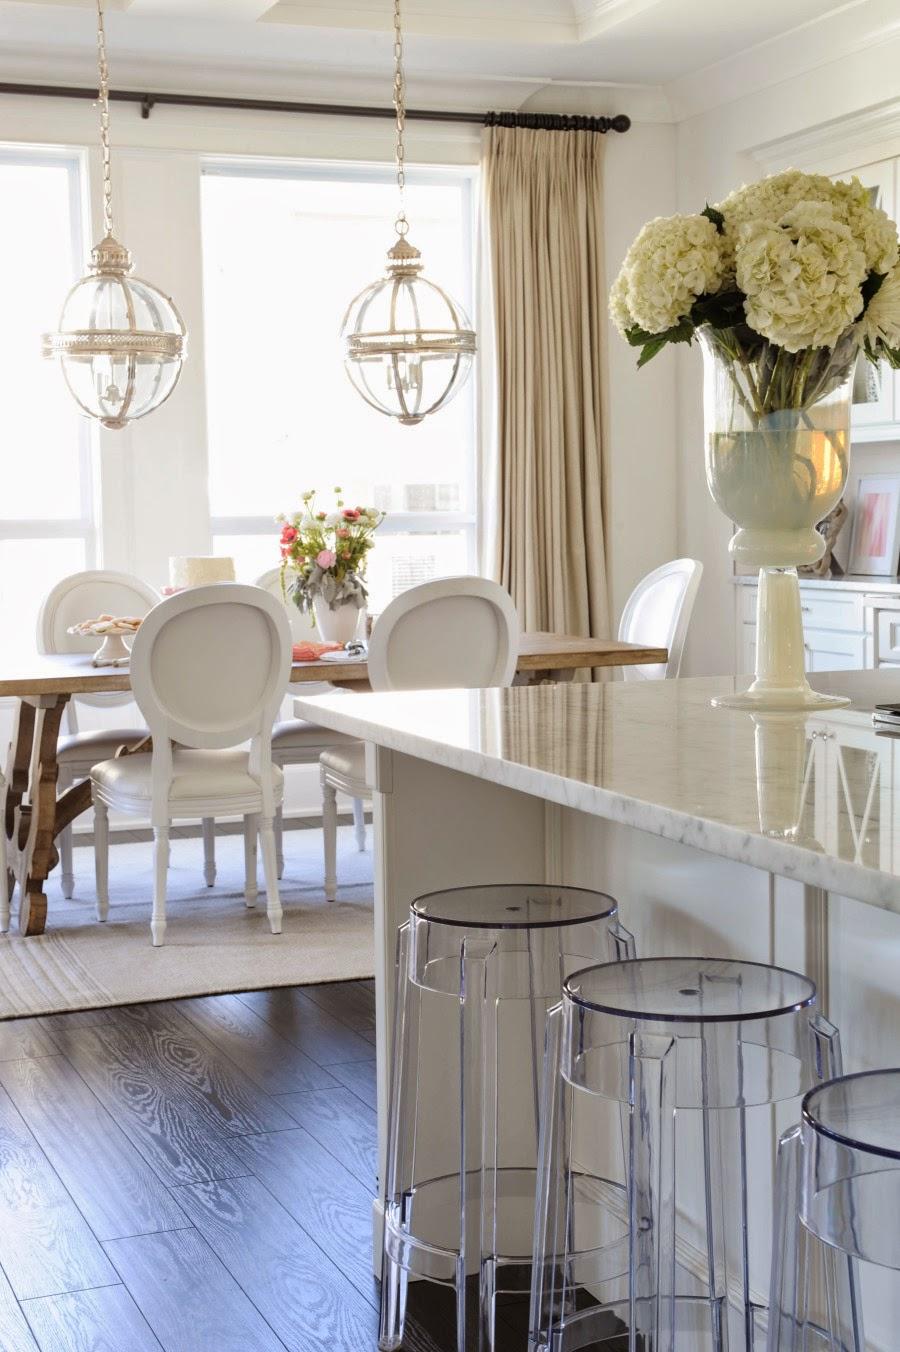 wystrój wnętrz, wnętrza, urządzanie mieszkania, dom, home decor, dekoracje, aranżacje, białe wnętrza, kuchnia